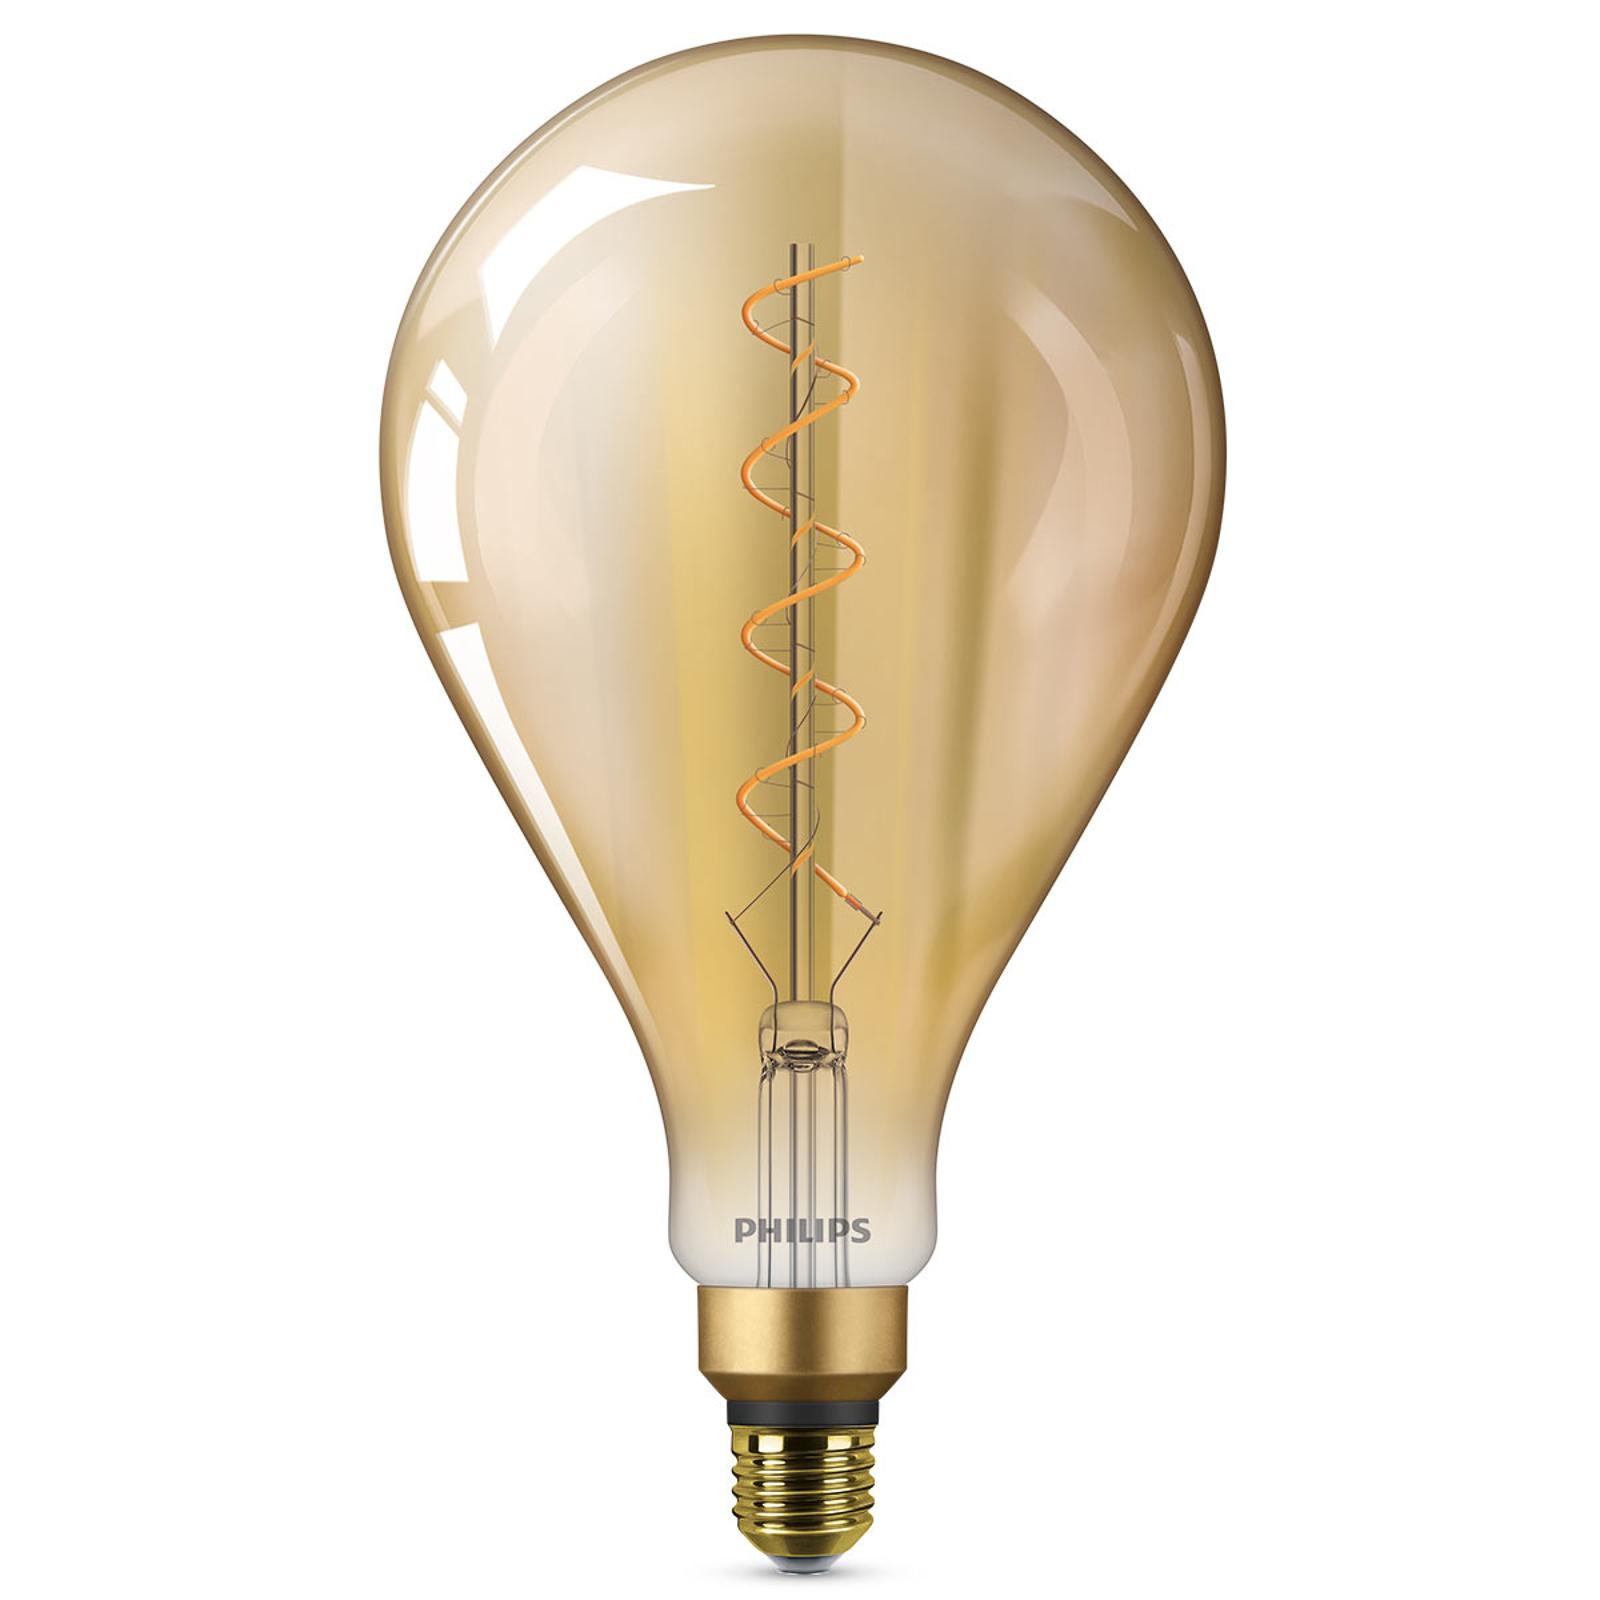 E27 5W LED-Lampe Giant, warmweiß, gold